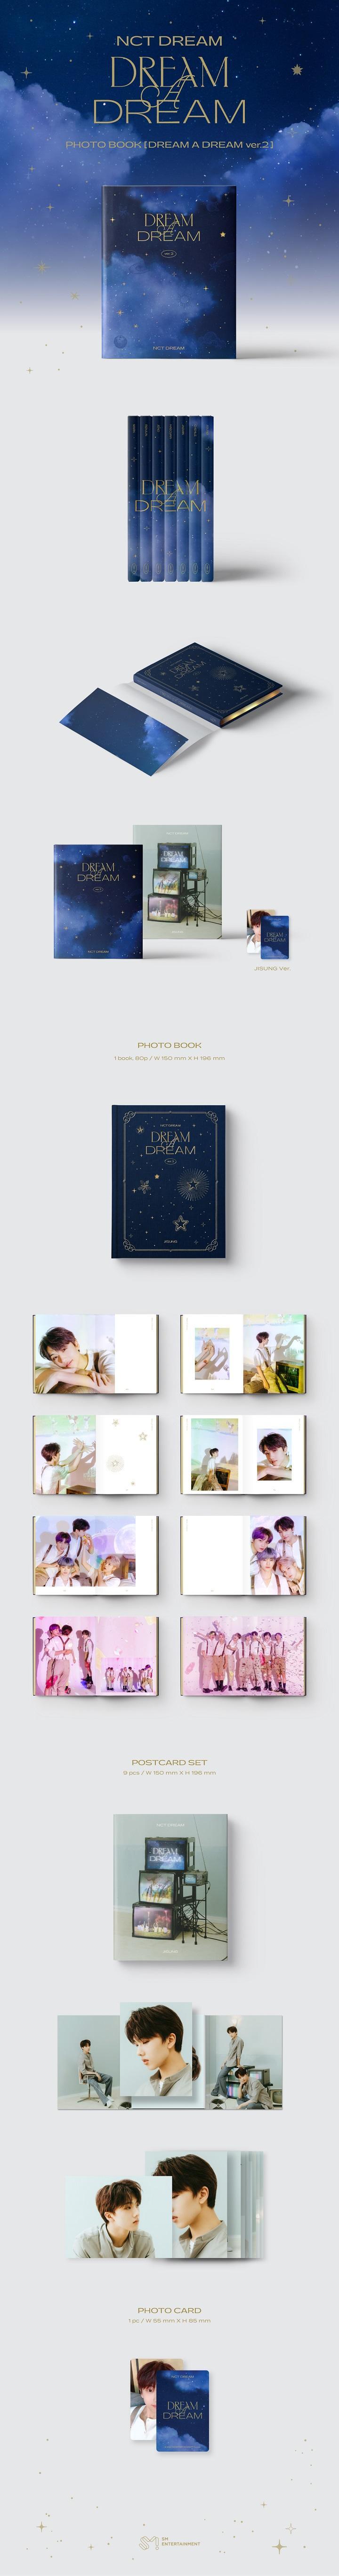 NCT DREAM-PHOTOBOOK [DREAM A DREAM ver.2] [JISUNG]